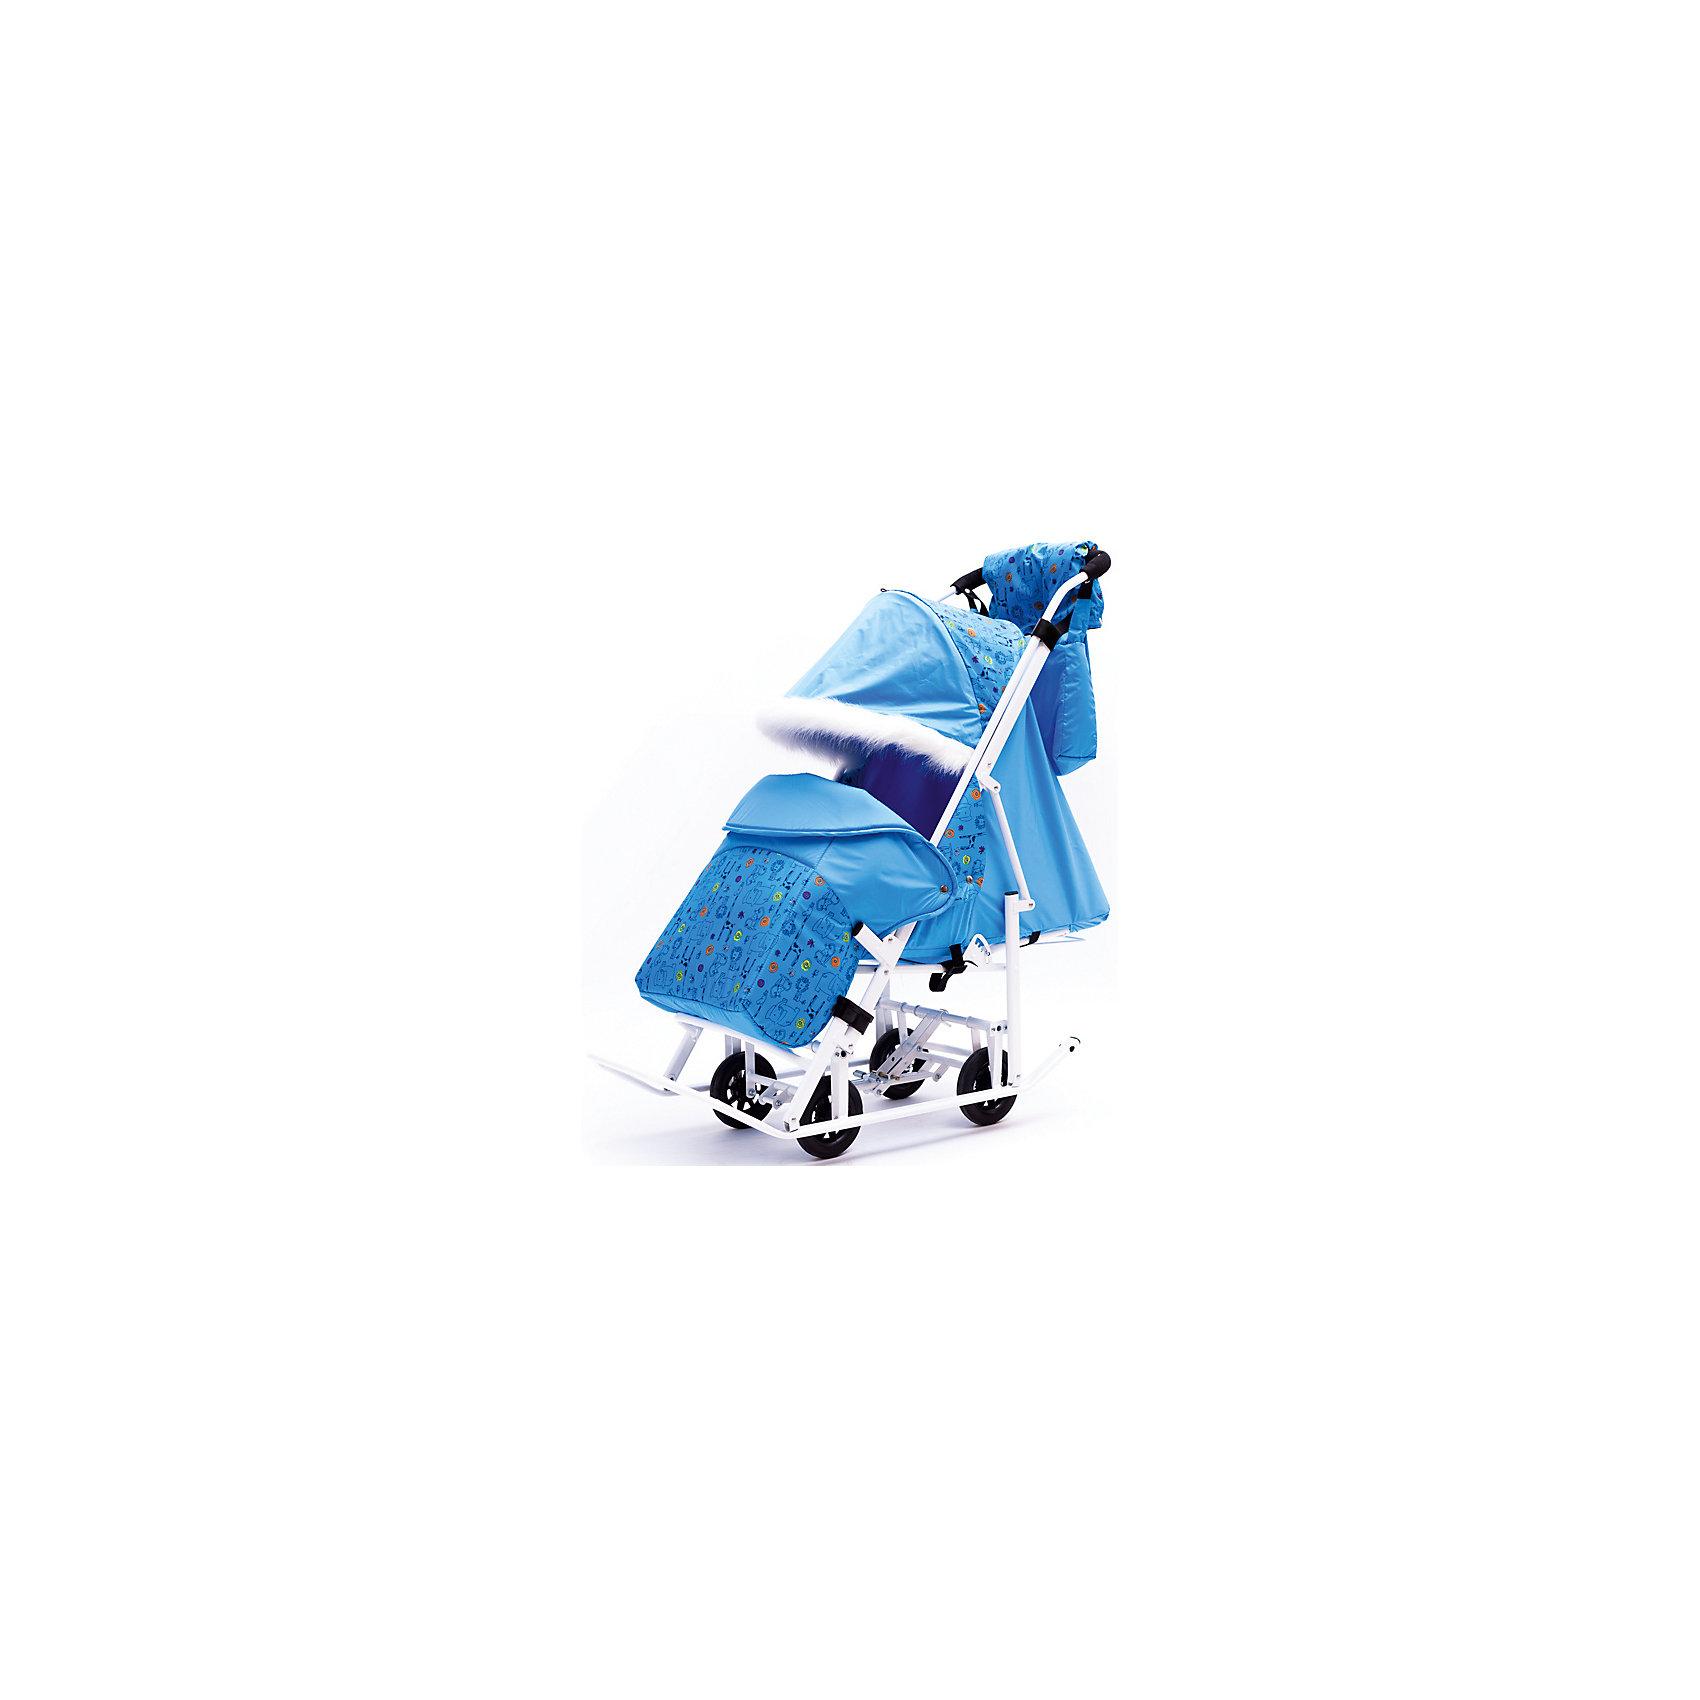 Санки-коляска ABC Academy Зимняя Сказка 5М Люкс, белая рама, голубой/зоопаркС колесиками<br>Санки-коляска Зимняя Сказка 5М Люкс, ABC Academy.<br><br>Характеристики детских санок-коляски ABC Academy с колесами:<br><br>• тип управления: толкать перед собой;<br>• полозья средней ширины дополнены большими выкатными колесиками, 4 основных + 2 дополнительных;<br>• перекидная ручка коляски с мягкой накладкой не регулируется по высоте;<br>• регулируемый наклон спинки: 3 положения вплоть до горизонтального;<br>• имеется подножка;<br>• регулируемый капюшон с меховой отделкой, практически полностью опускается;<br>• наличие 5-ти точечных ремней безопасности;<br>• тип складывания: книжка;<br>• температурный режим: до -20 С;<br>• стояночный тормоз отсутствует;<br>• материал: сталь, горнолыжная ткань Dewspo;<br>• ширина сиденья: 34 см;<br>• длина сиденья: 26 см;<br>• размер спинки: 44х34 см;<br>• размер спального места: 70х34 см;<br>• размер санок-коляски в разложенном виде, ДхШхВ: 115х44х100 см;<br>• размер упаковки: 120х45х20 см;<br>• вес санок-коляски: 9 кг.<br><br>В санках используется ткань Dewspo- относится к облегчённым курточным и плащёвым материалам. Мех декоративный. Санками можно пользоваться до -20 градусов.<br><br>Удобное транспортное средство для зимних прогулок с малышом, возраст которого находится в пределах от 8 месяцев до 4-х лет, - это санки-коляска на полозьях, которые можно толкать перед собой. Коляска оснащены выкатными колесами большого диаметра, которые можно убрать внутрь конструкции рамы. Ручка коляски цельная, не регулируется по высоте. Перекидная ручка коляски позволяет менять направление движения, не вынимая ребенка из прогулочного блока. <br><br>Коляска с полозьями компактно складывается по типу книжки. Дополнительные аксессуары предусмотрены для создания благоприятных условий для малыша на прогулке: утепленный чехол укутывает ножки малыша и доходит почти по пояса крохи. Для мамы в комплекте имеется сумка и муфта.<br><br>Комплектация:<br><br>• санки-к